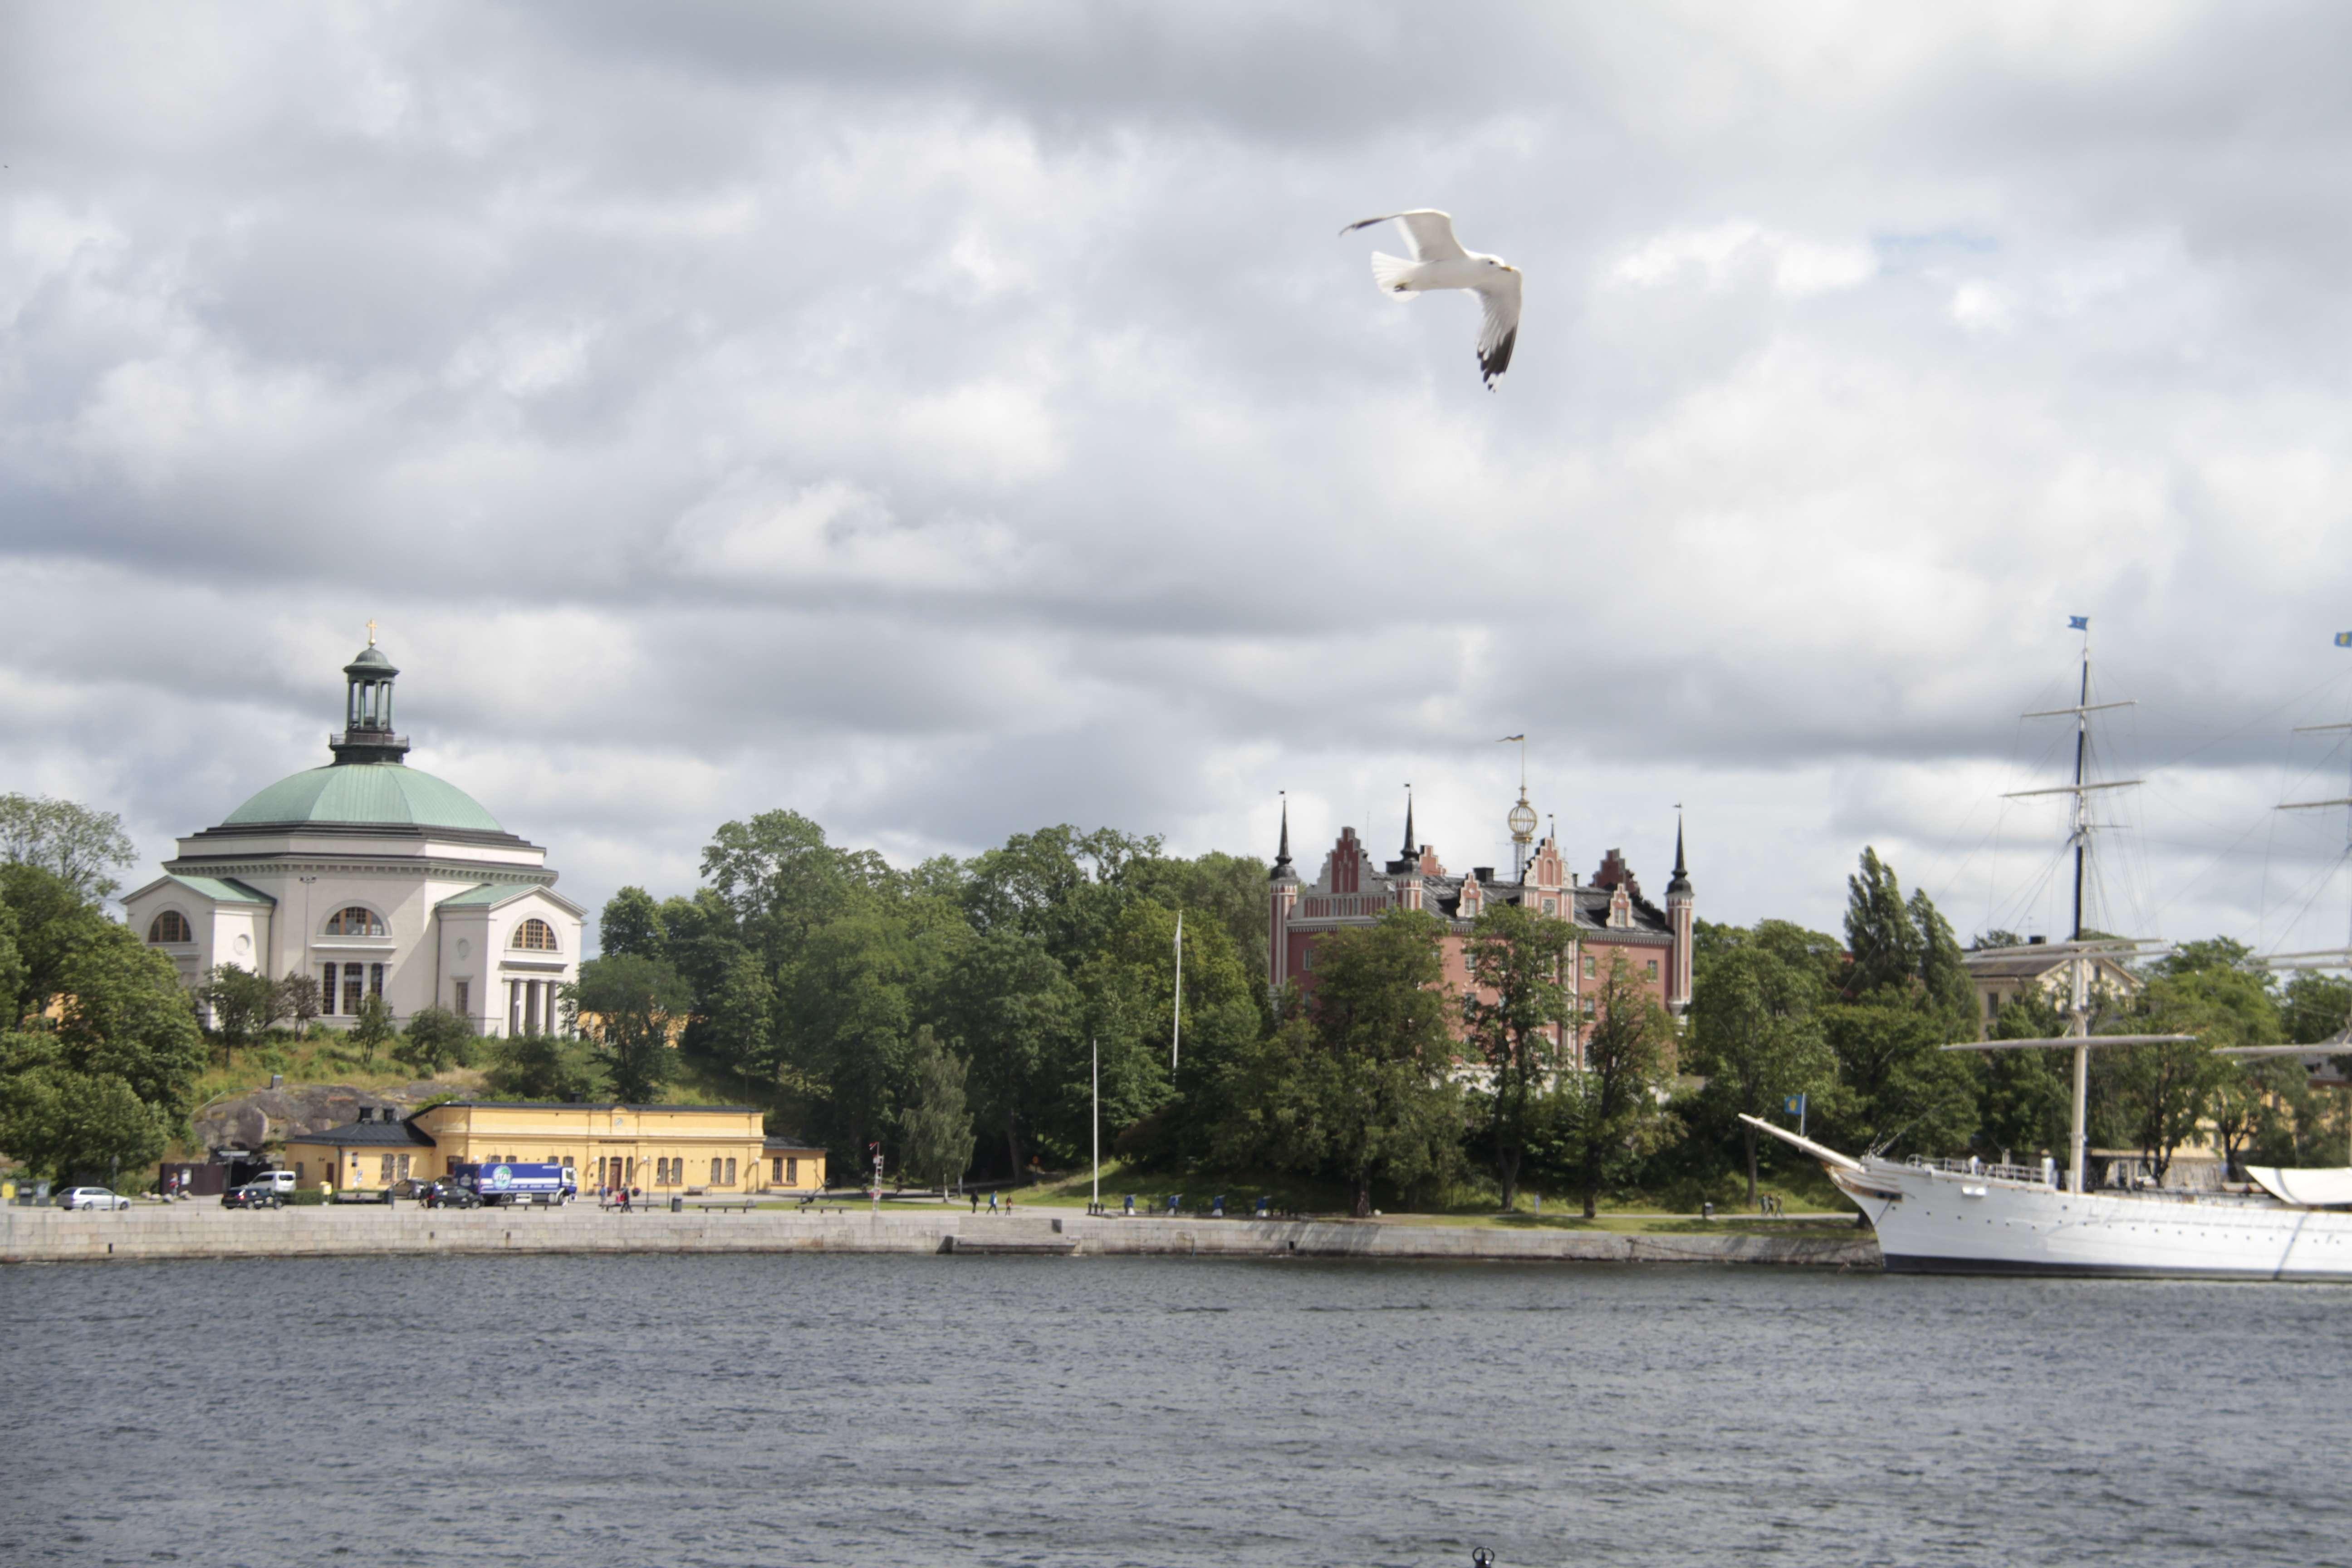 Suede_0063 Stokholm Skeppsholmen